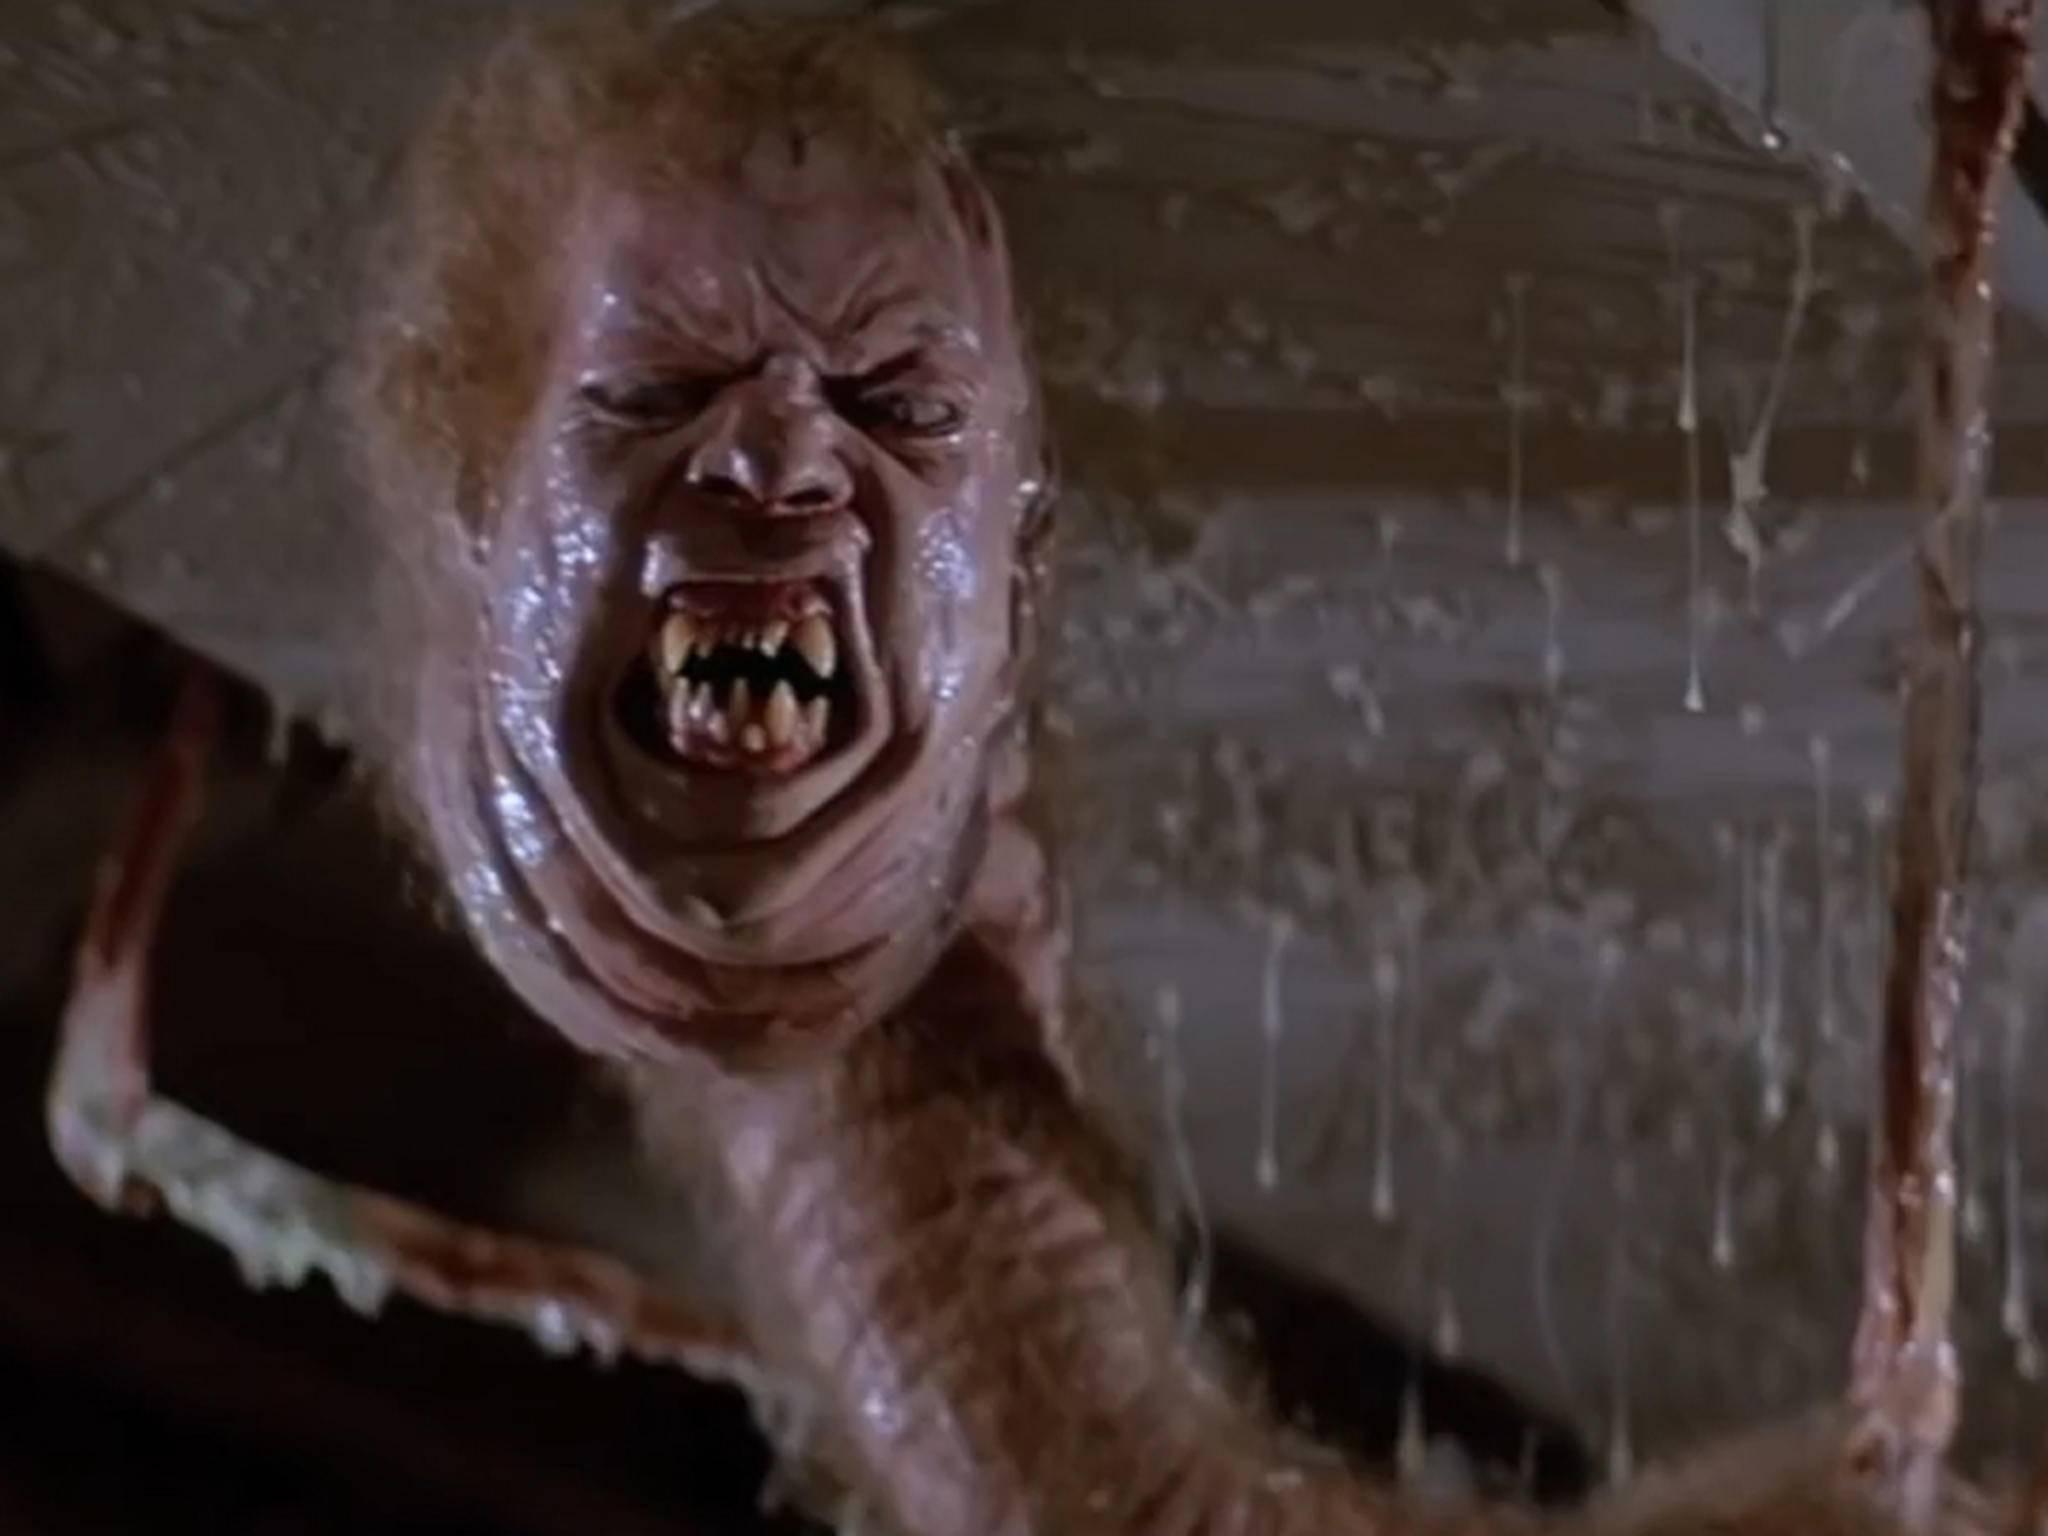 """Ob """"The Thing"""" aus dem gleichnamigen Film schon mal über eine Hautstraffung nachgedacht hat?"""